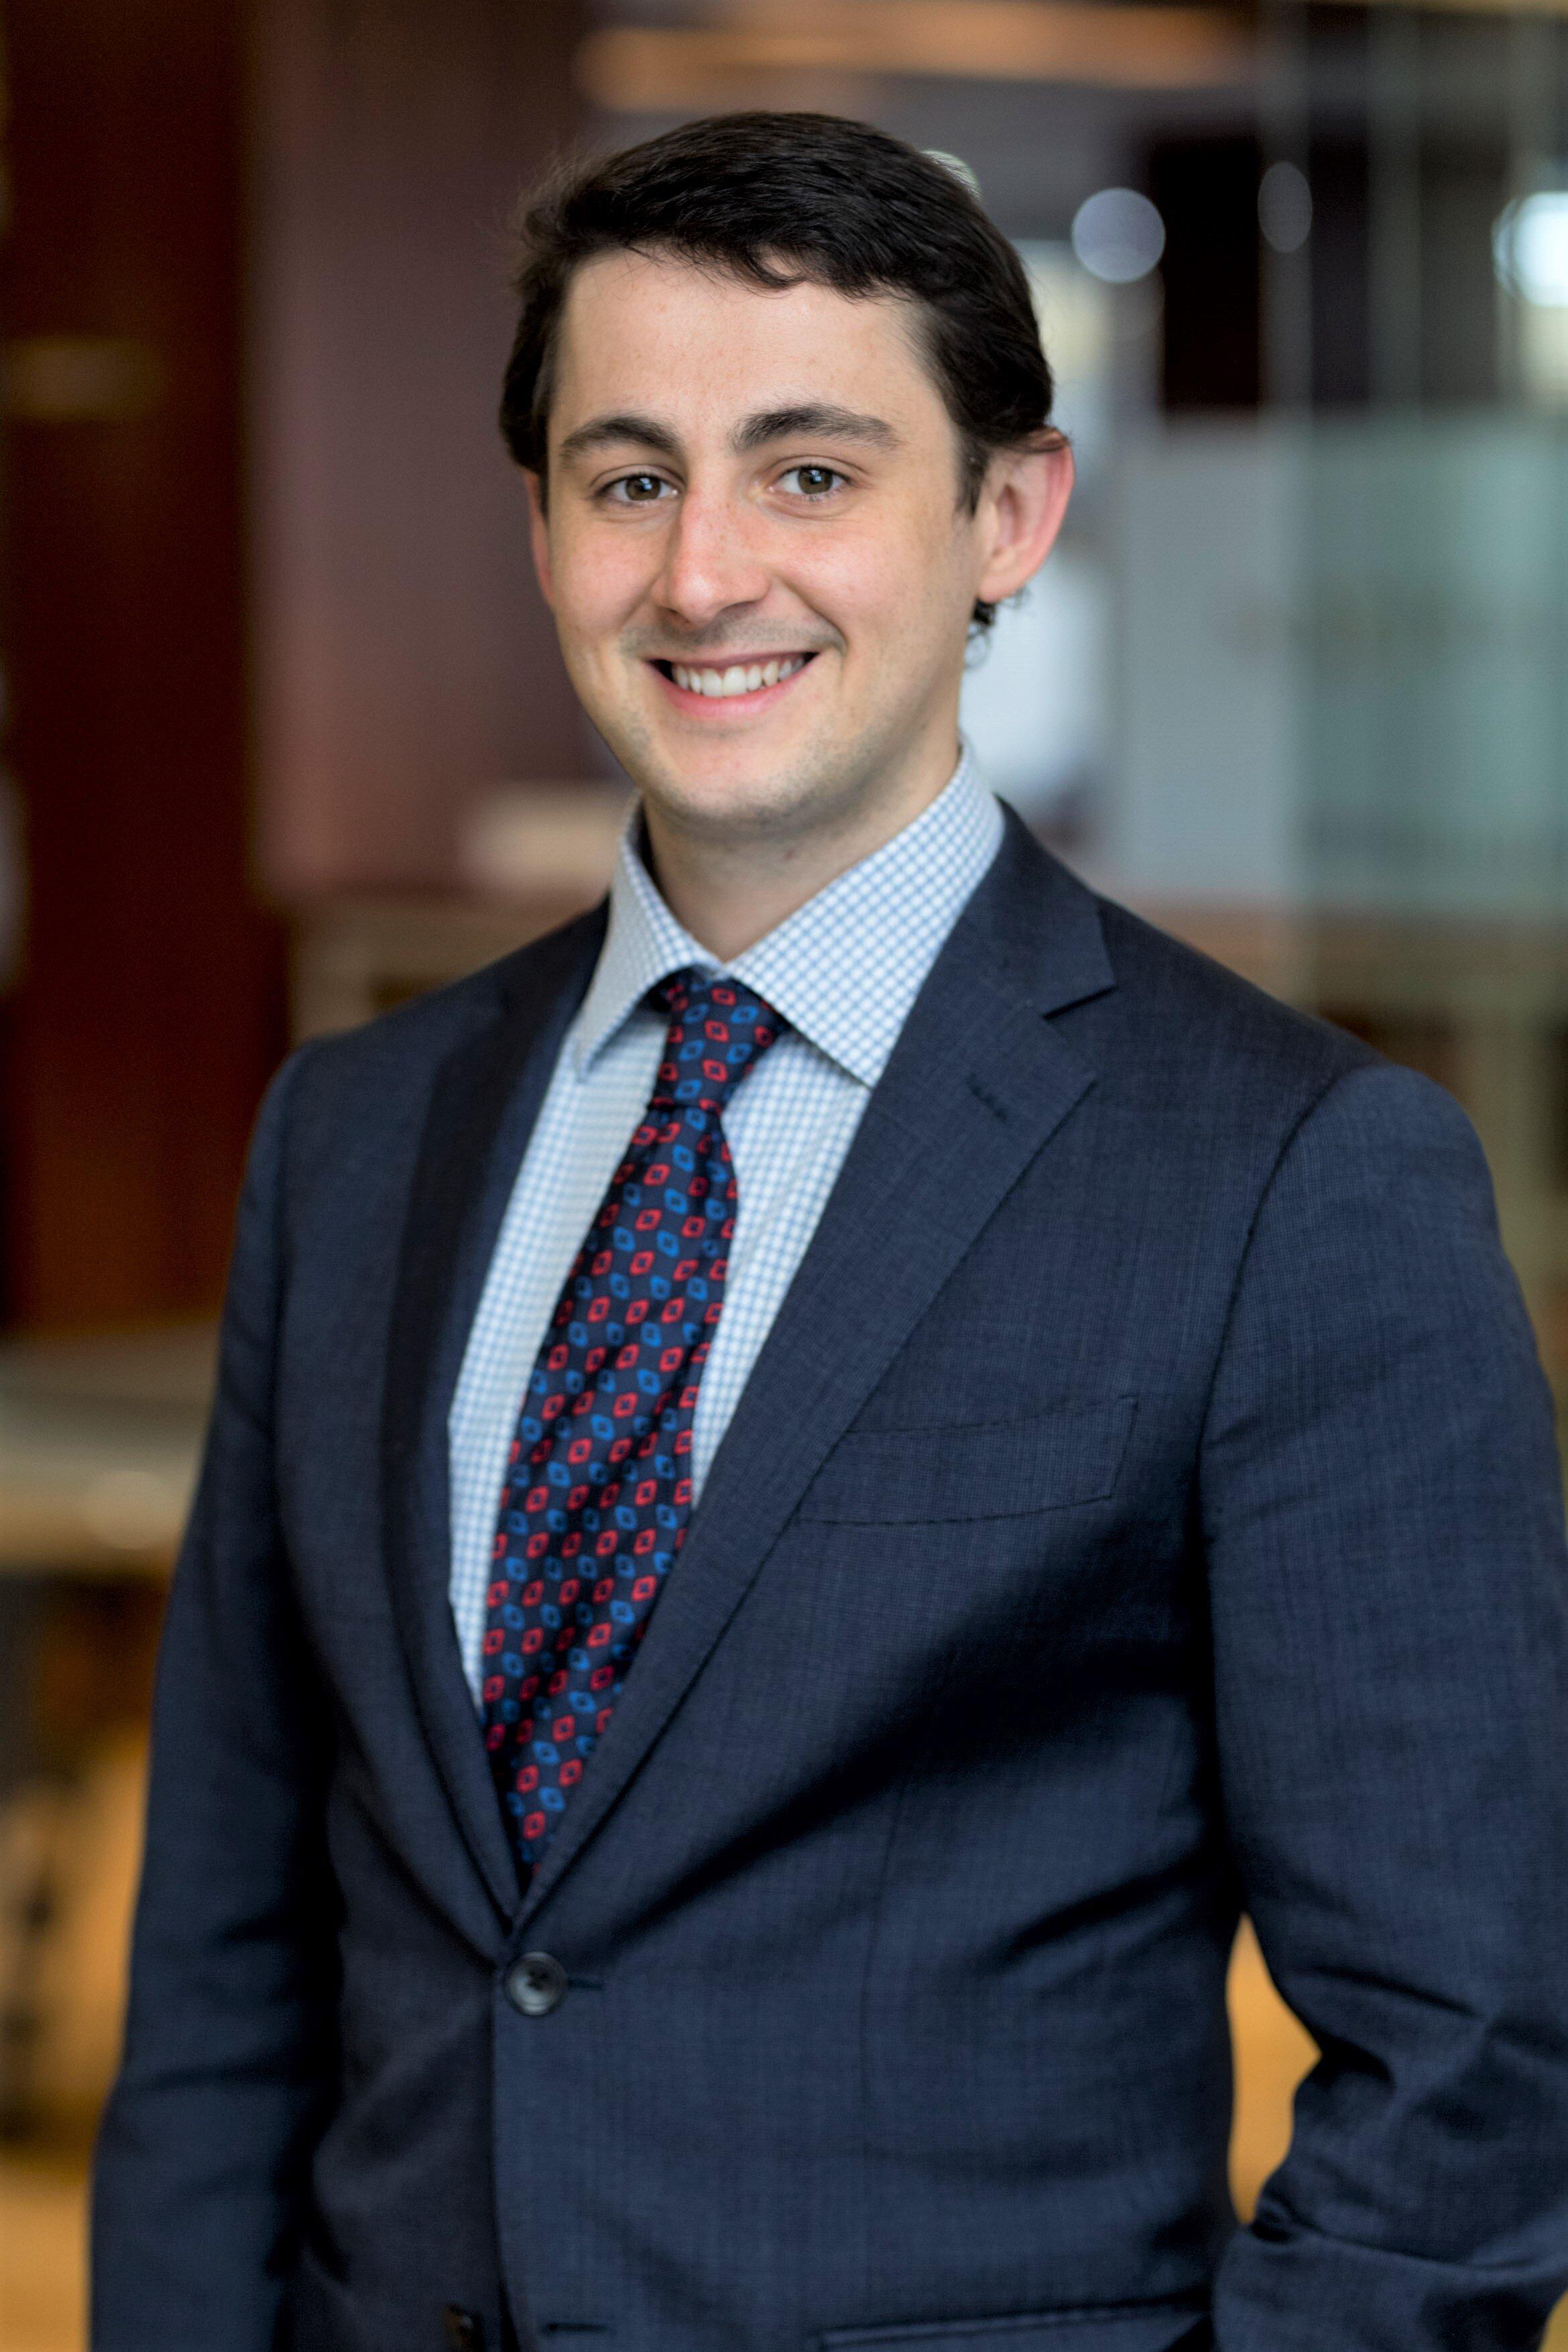 Brendan Lord   Graduate at Law  T: +61 2 9230 9434 brendan.lord@nortonwhite.com